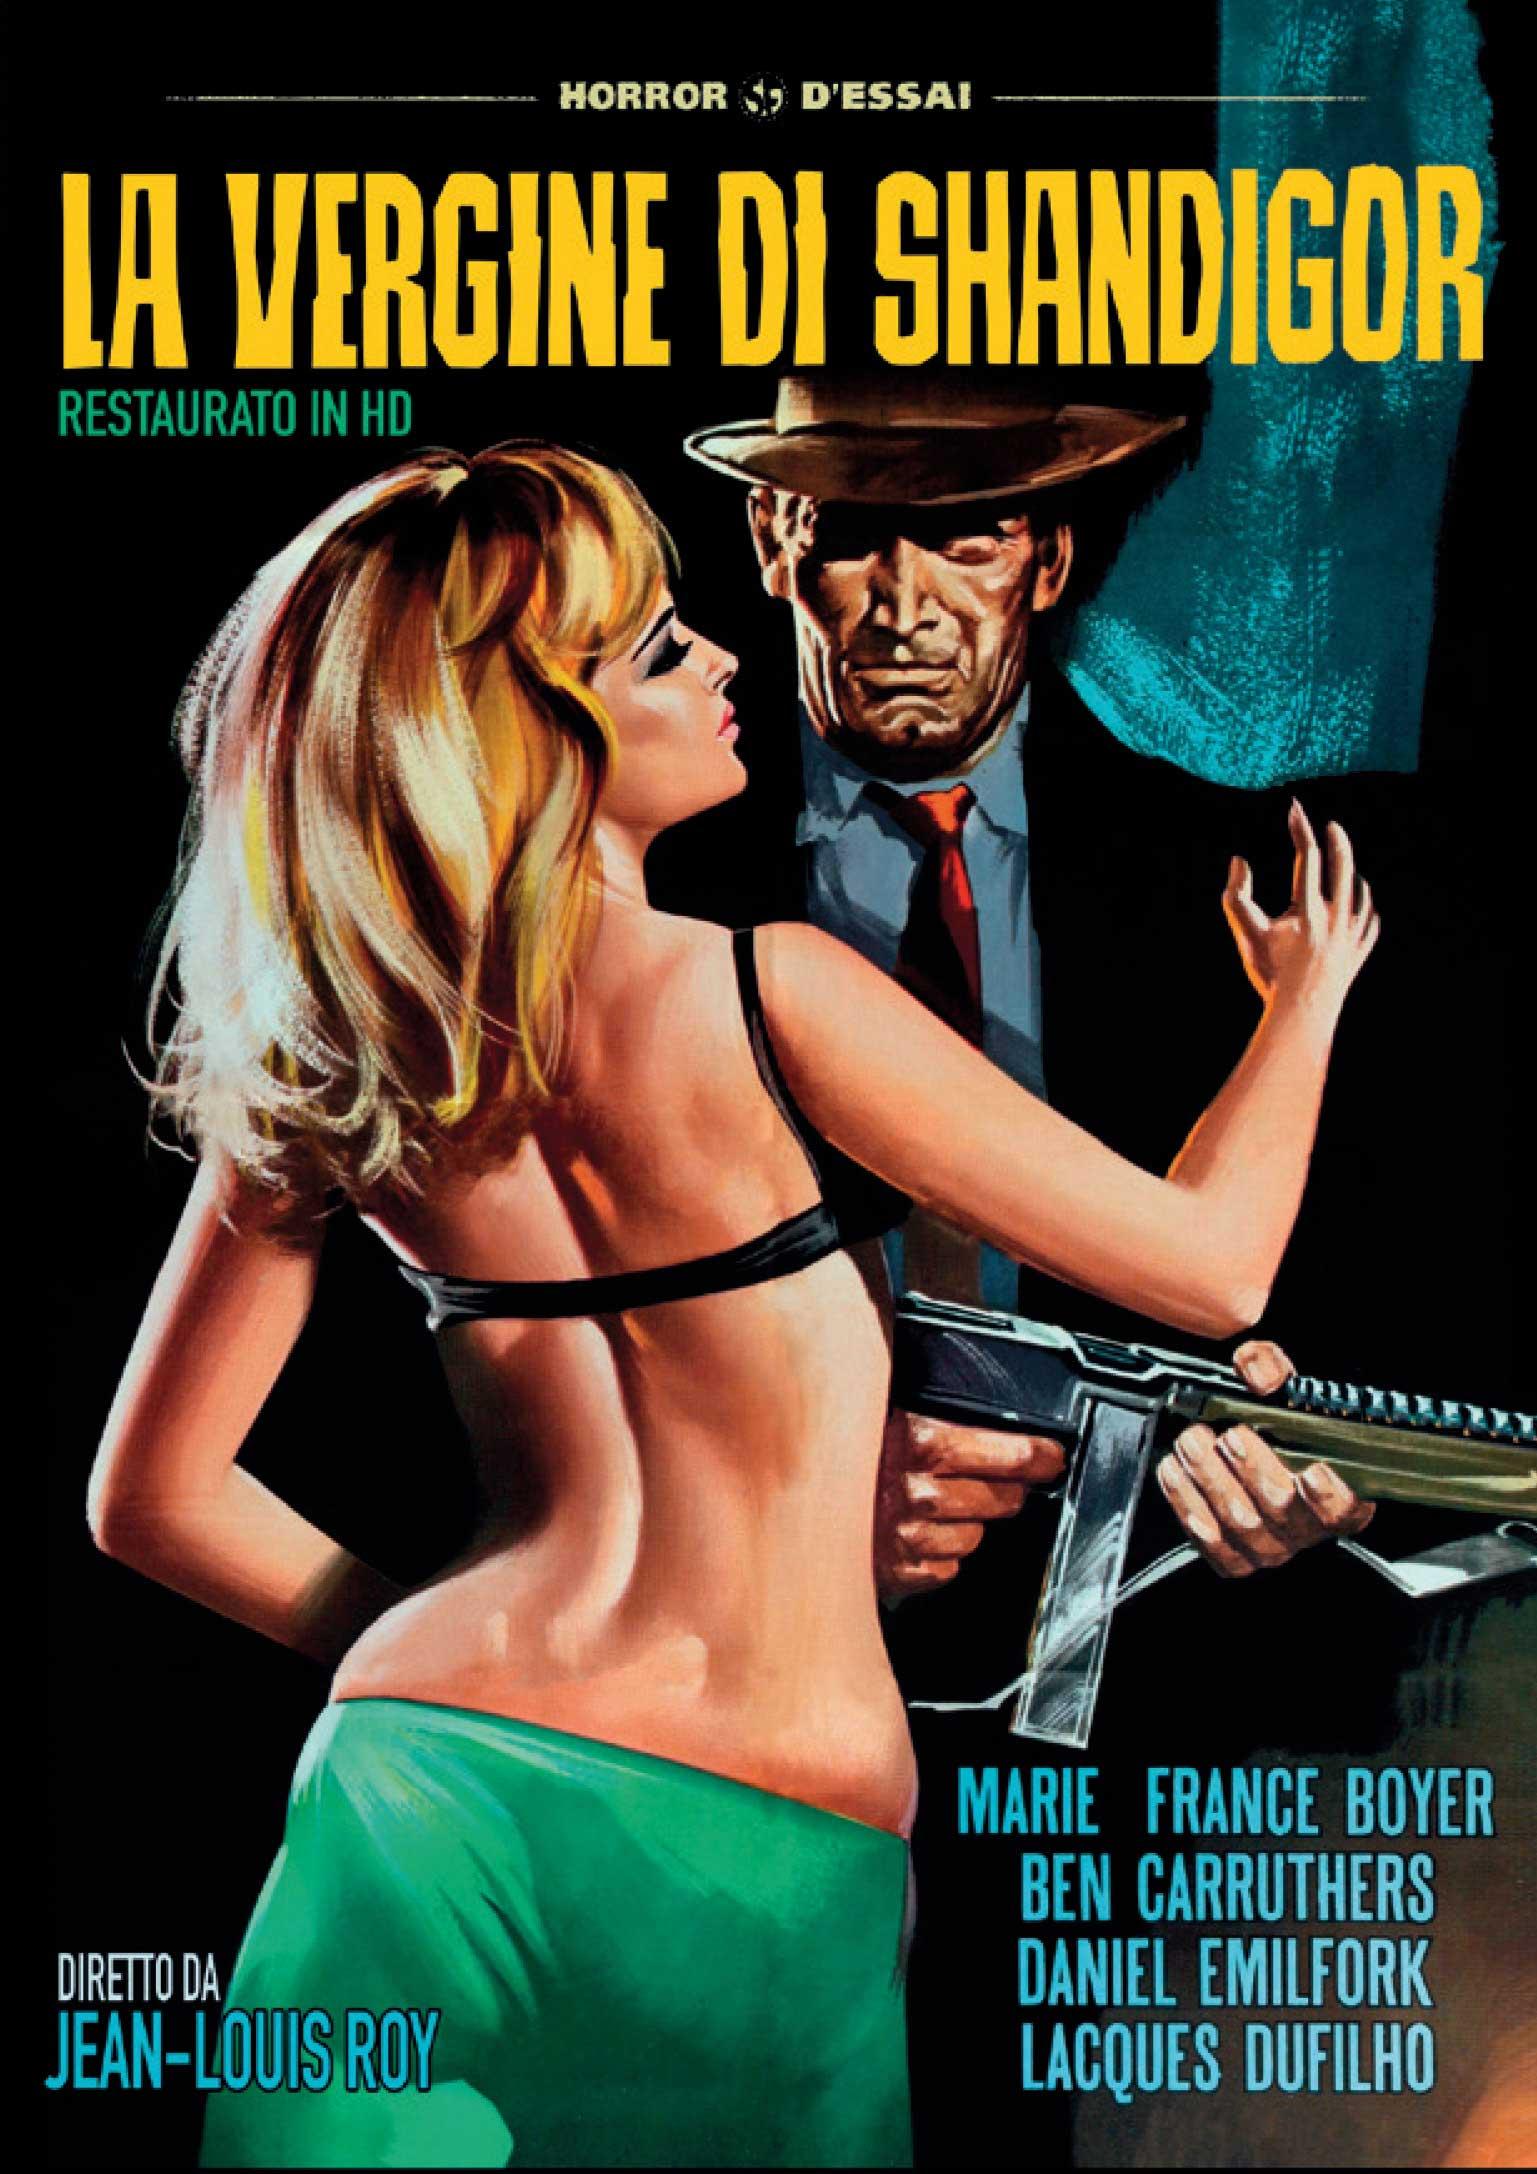 LA VERGINE DI SHANDIGOR (RESTAURATO IN HD) (DVD)